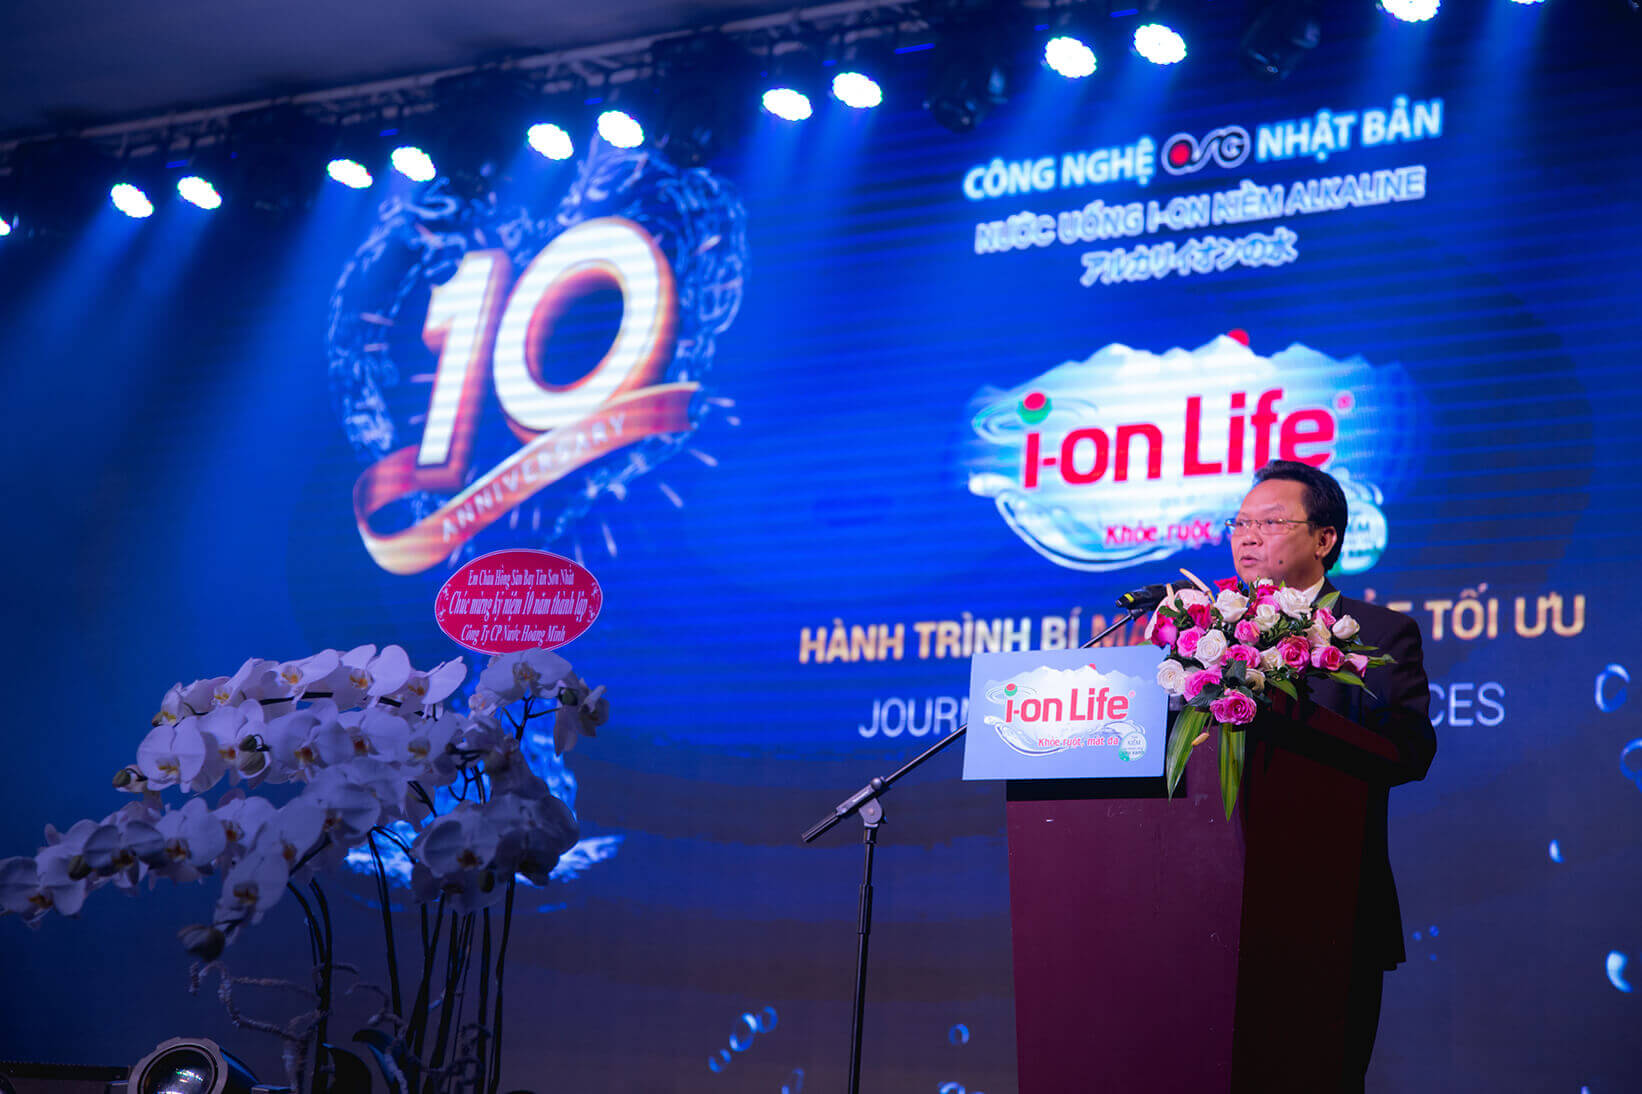 tổ chức lể kỷ niệm tại Đà Nẵng 1